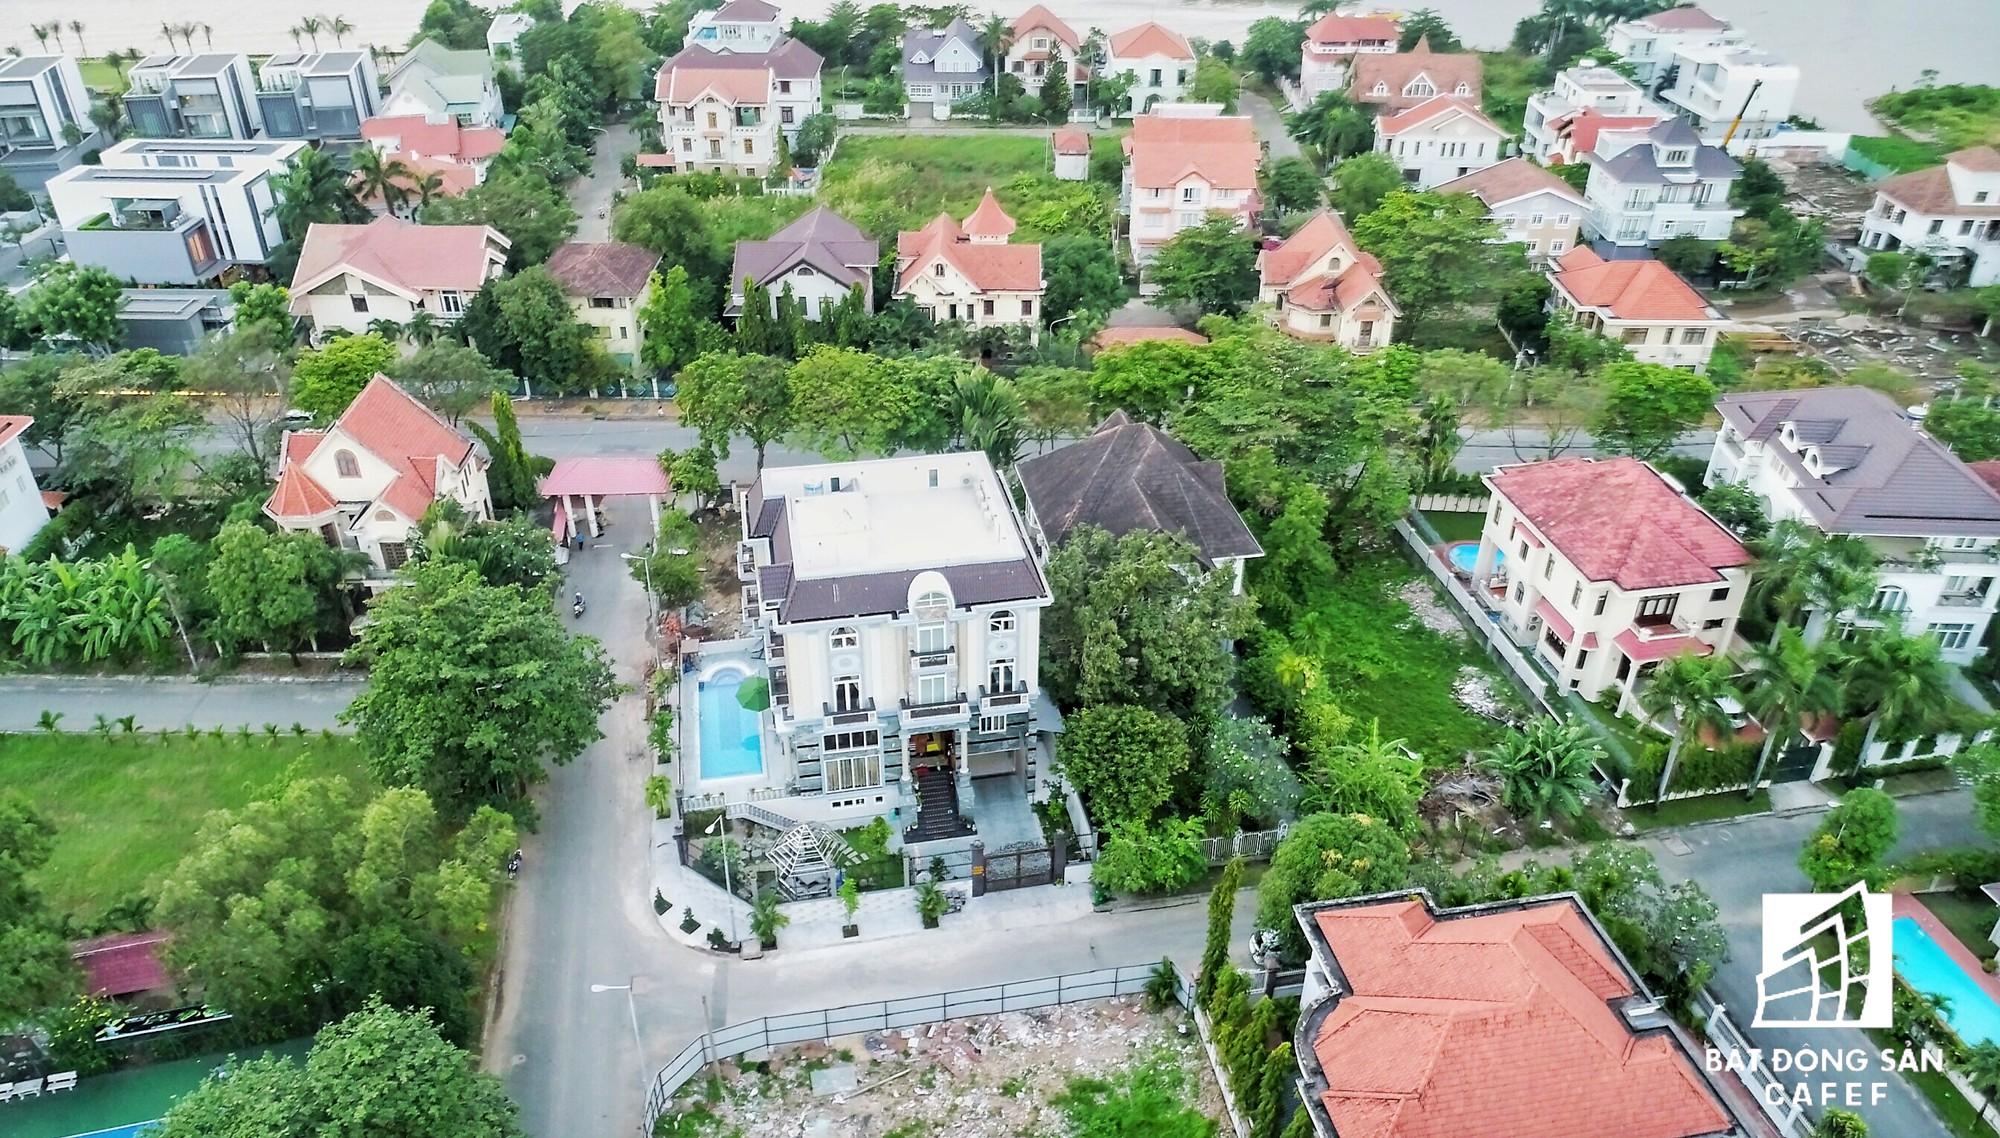 Nhà giàu cũng khóc trong những khu biệt thự sang chảnh bậc nhất Sài Gòn - Ảnh 5.